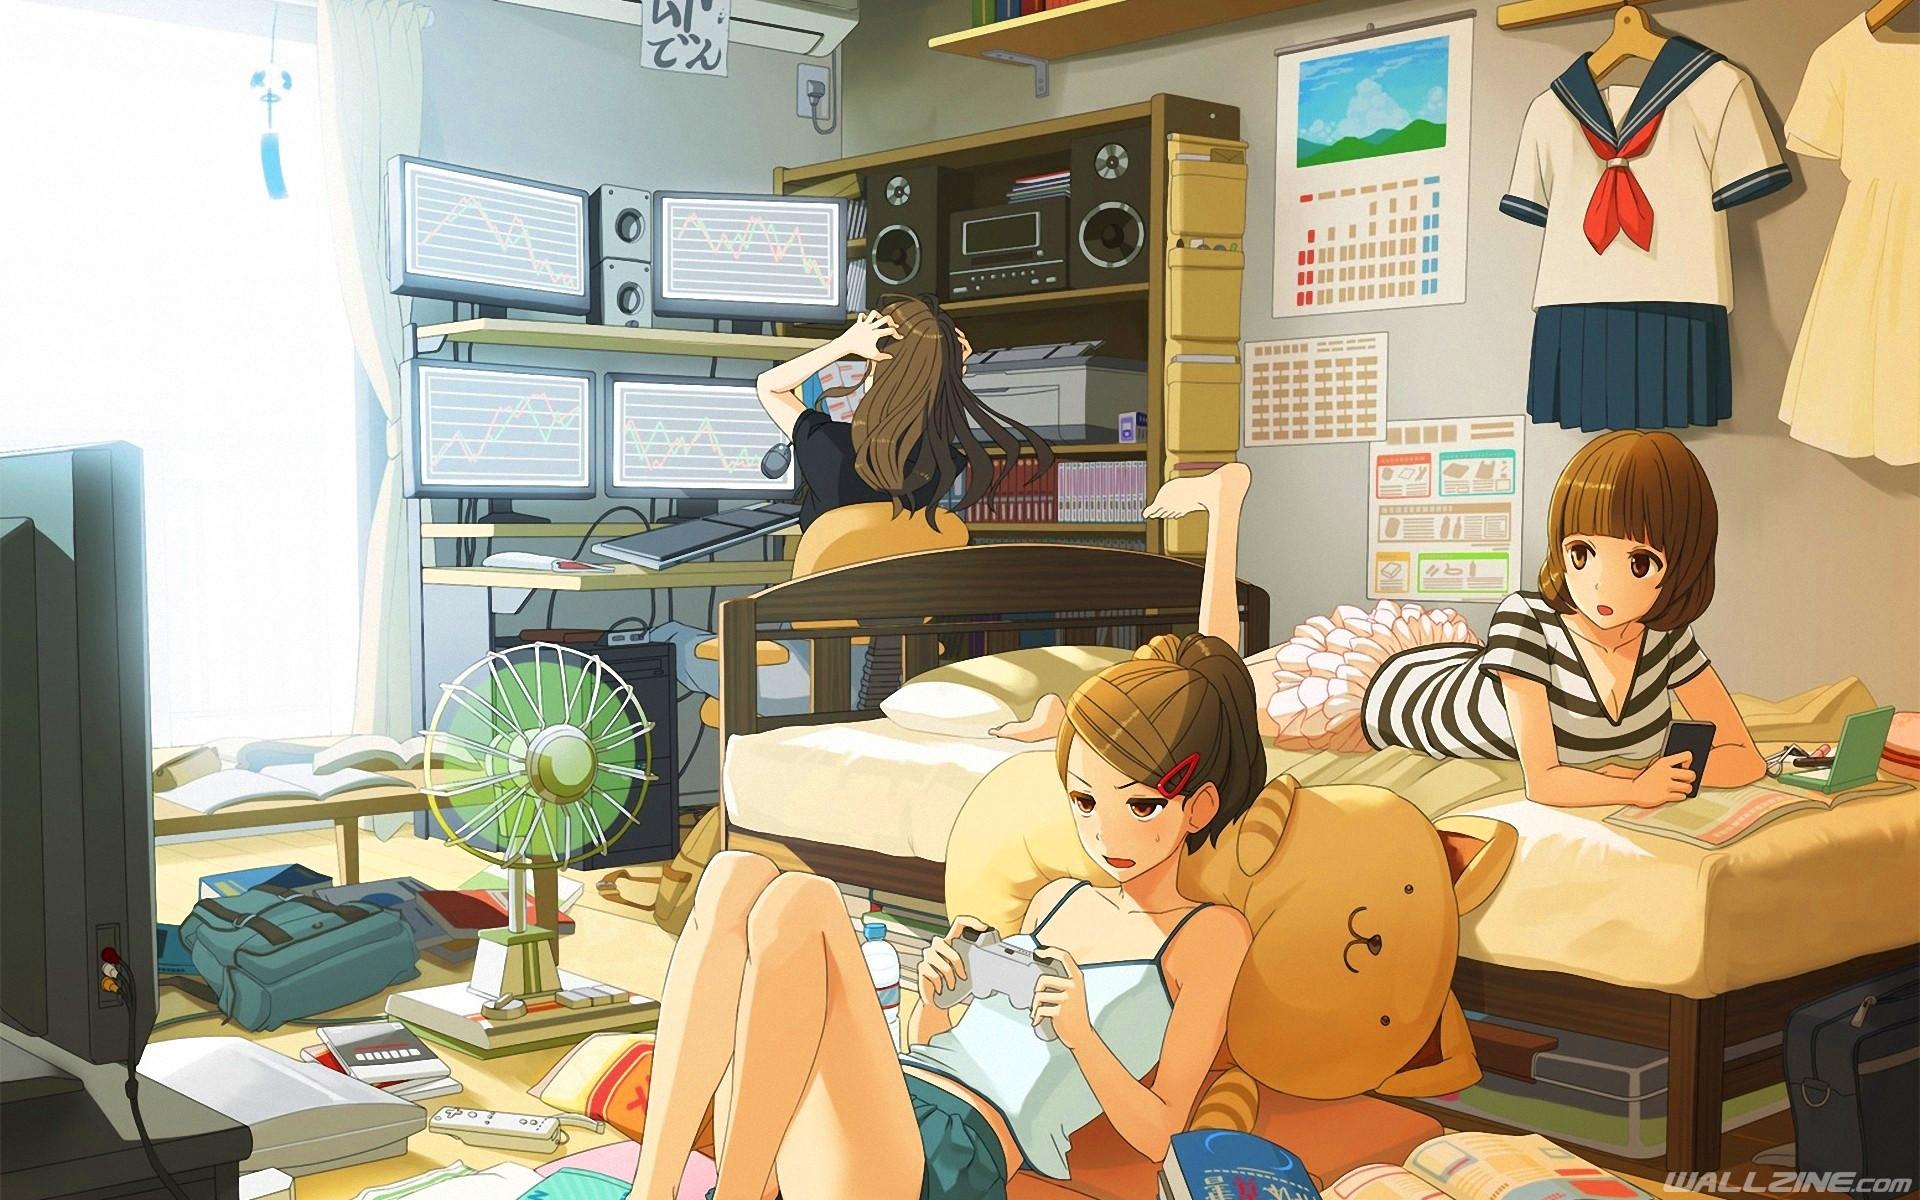 Anime Girls Room Wallpaper